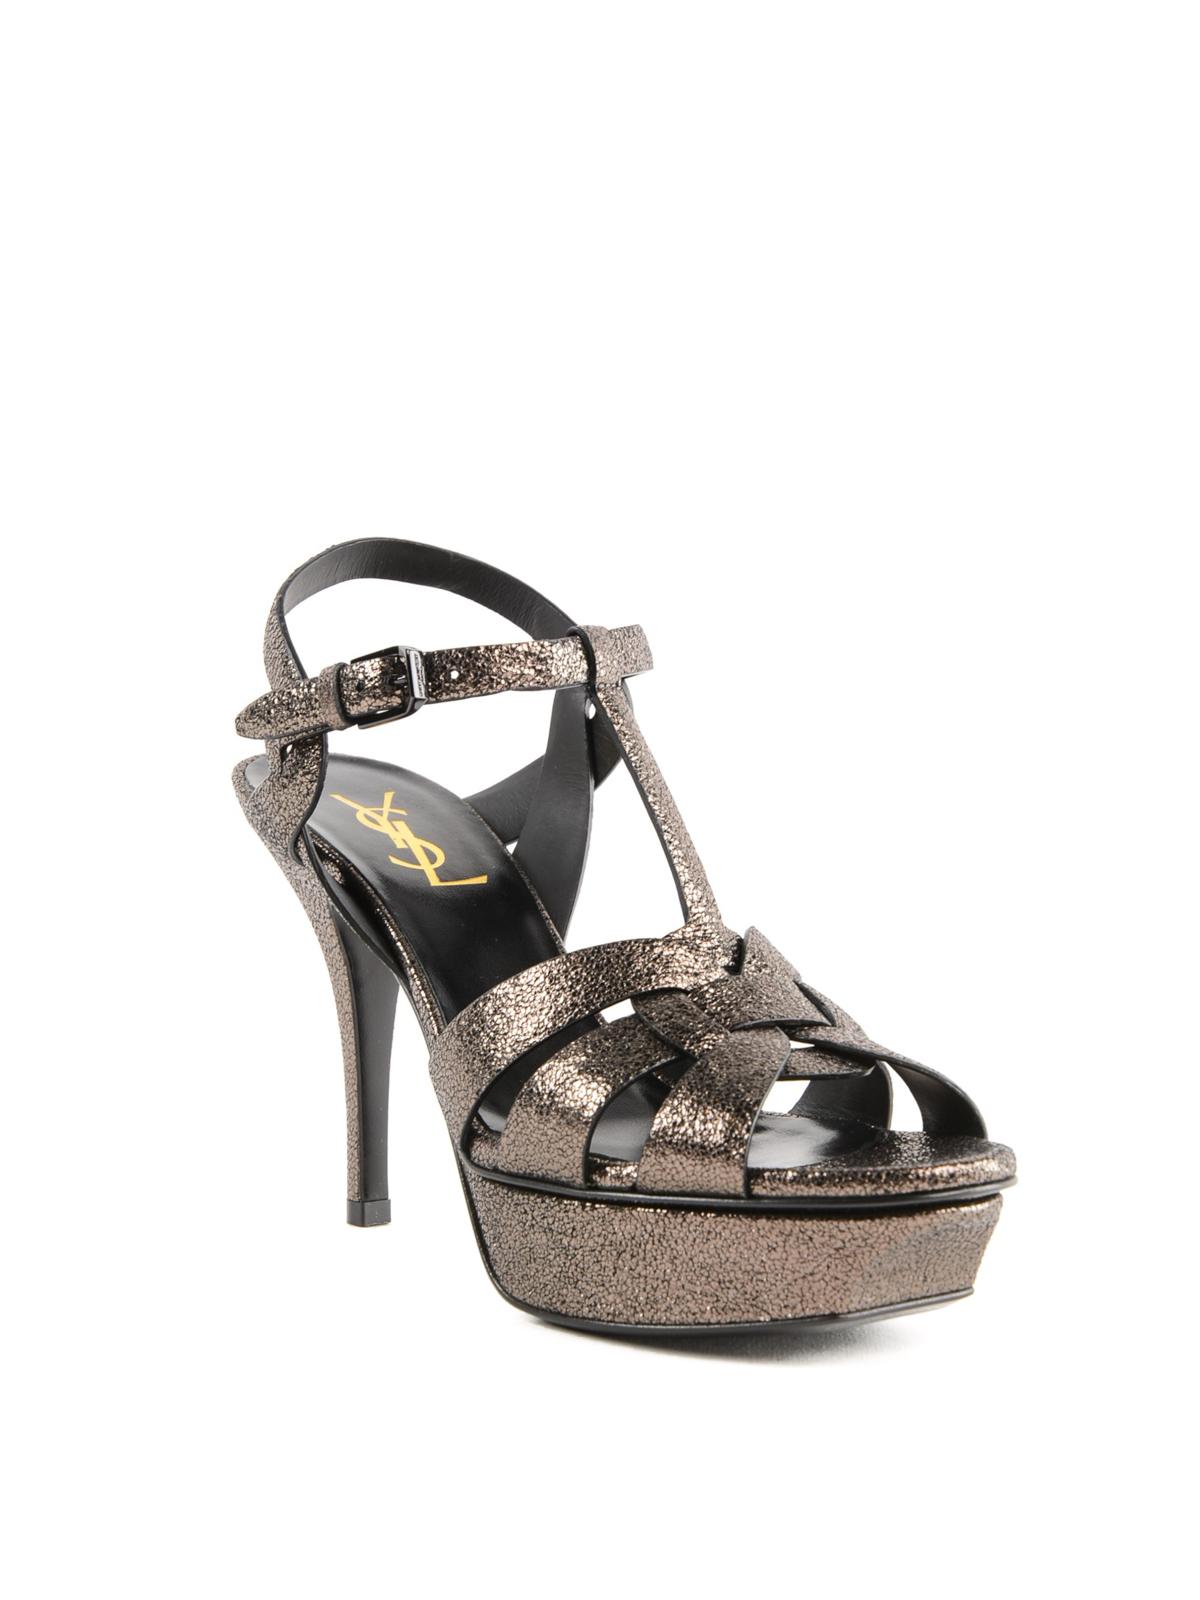 a8947306a30 SAINT LAURENT  sandals online - Tribute metallic leather platform sandals